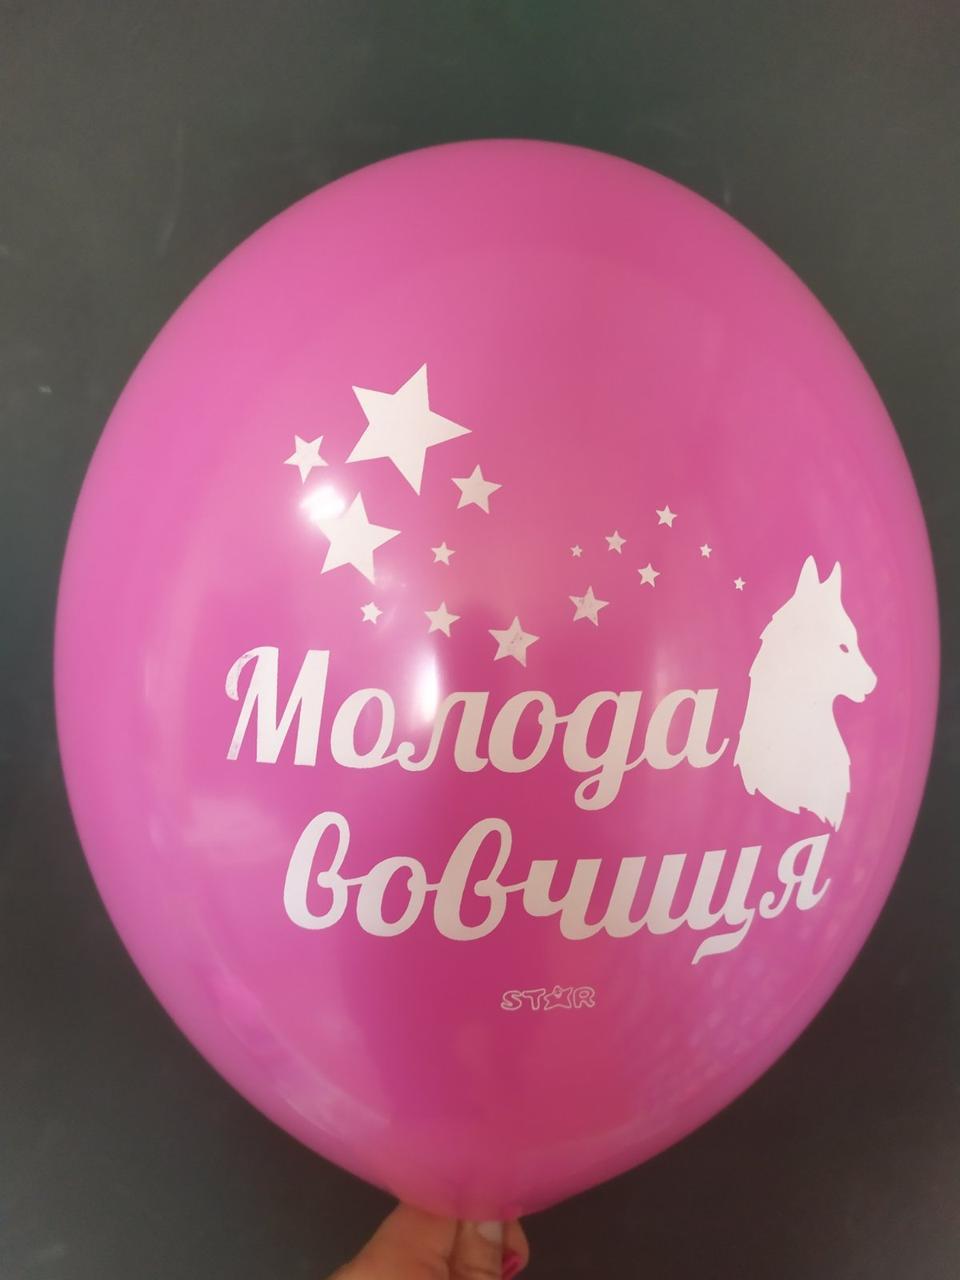 """Латексна кулька з малюнком """"Молода вовчиця"""" принт білий Belbal фуксія 12"""" 30см 010 ТМ """"Star"""""""